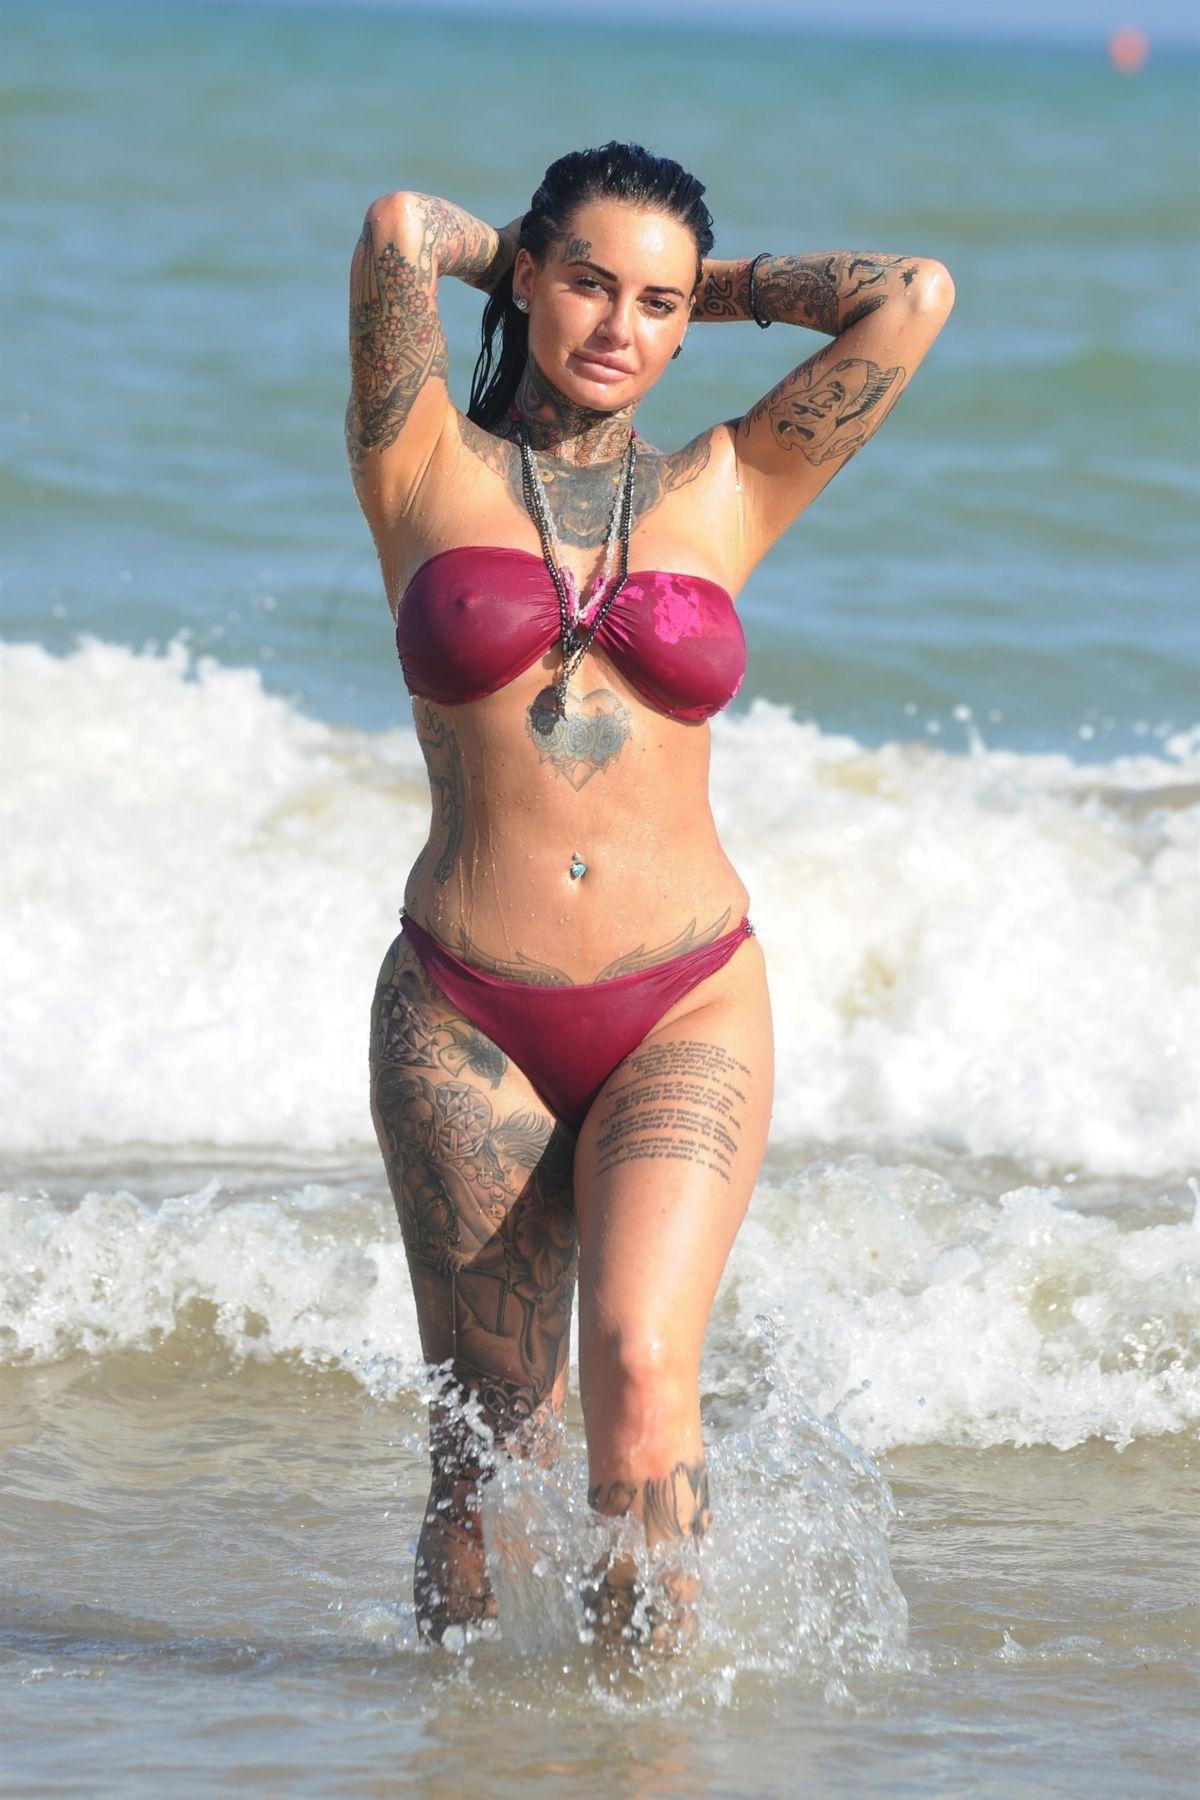 Jemma Lucy in Bikini on the beach in Gran Canaria Pic 1 of 35